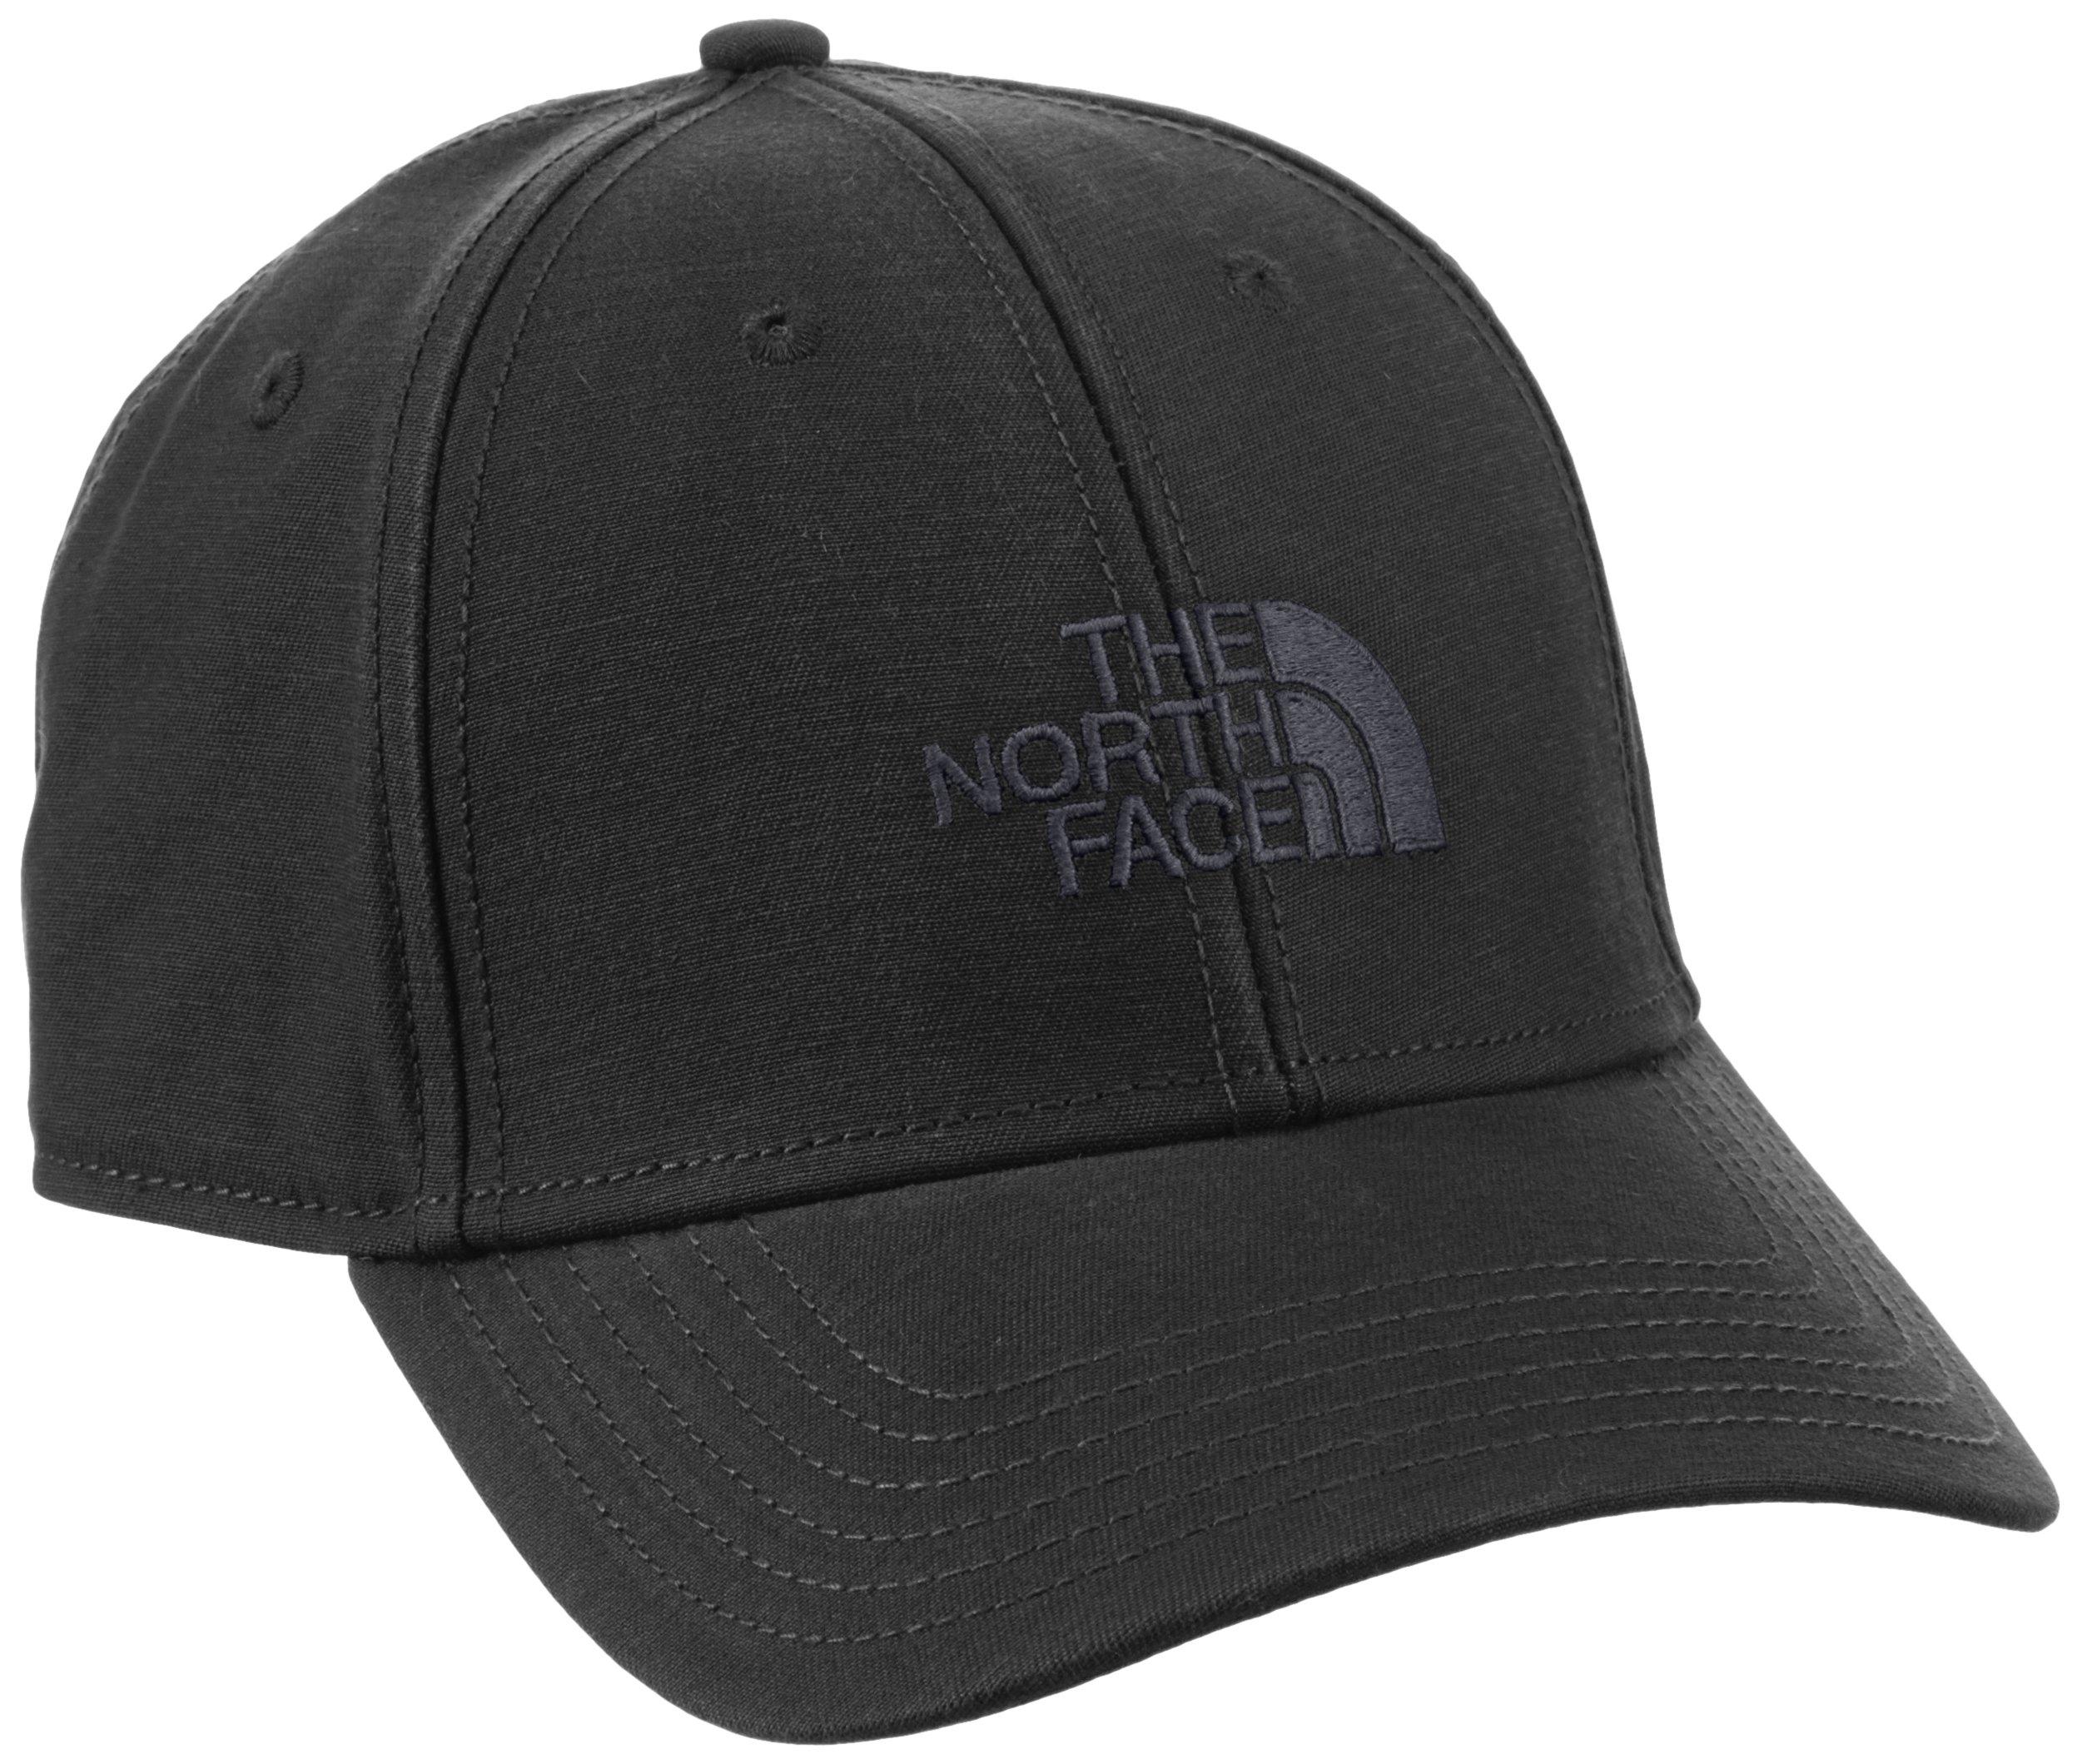 The 66 classico North Face Cap Hat Cappello Outdoor Disponibile in Nero Taglia Unica TNF